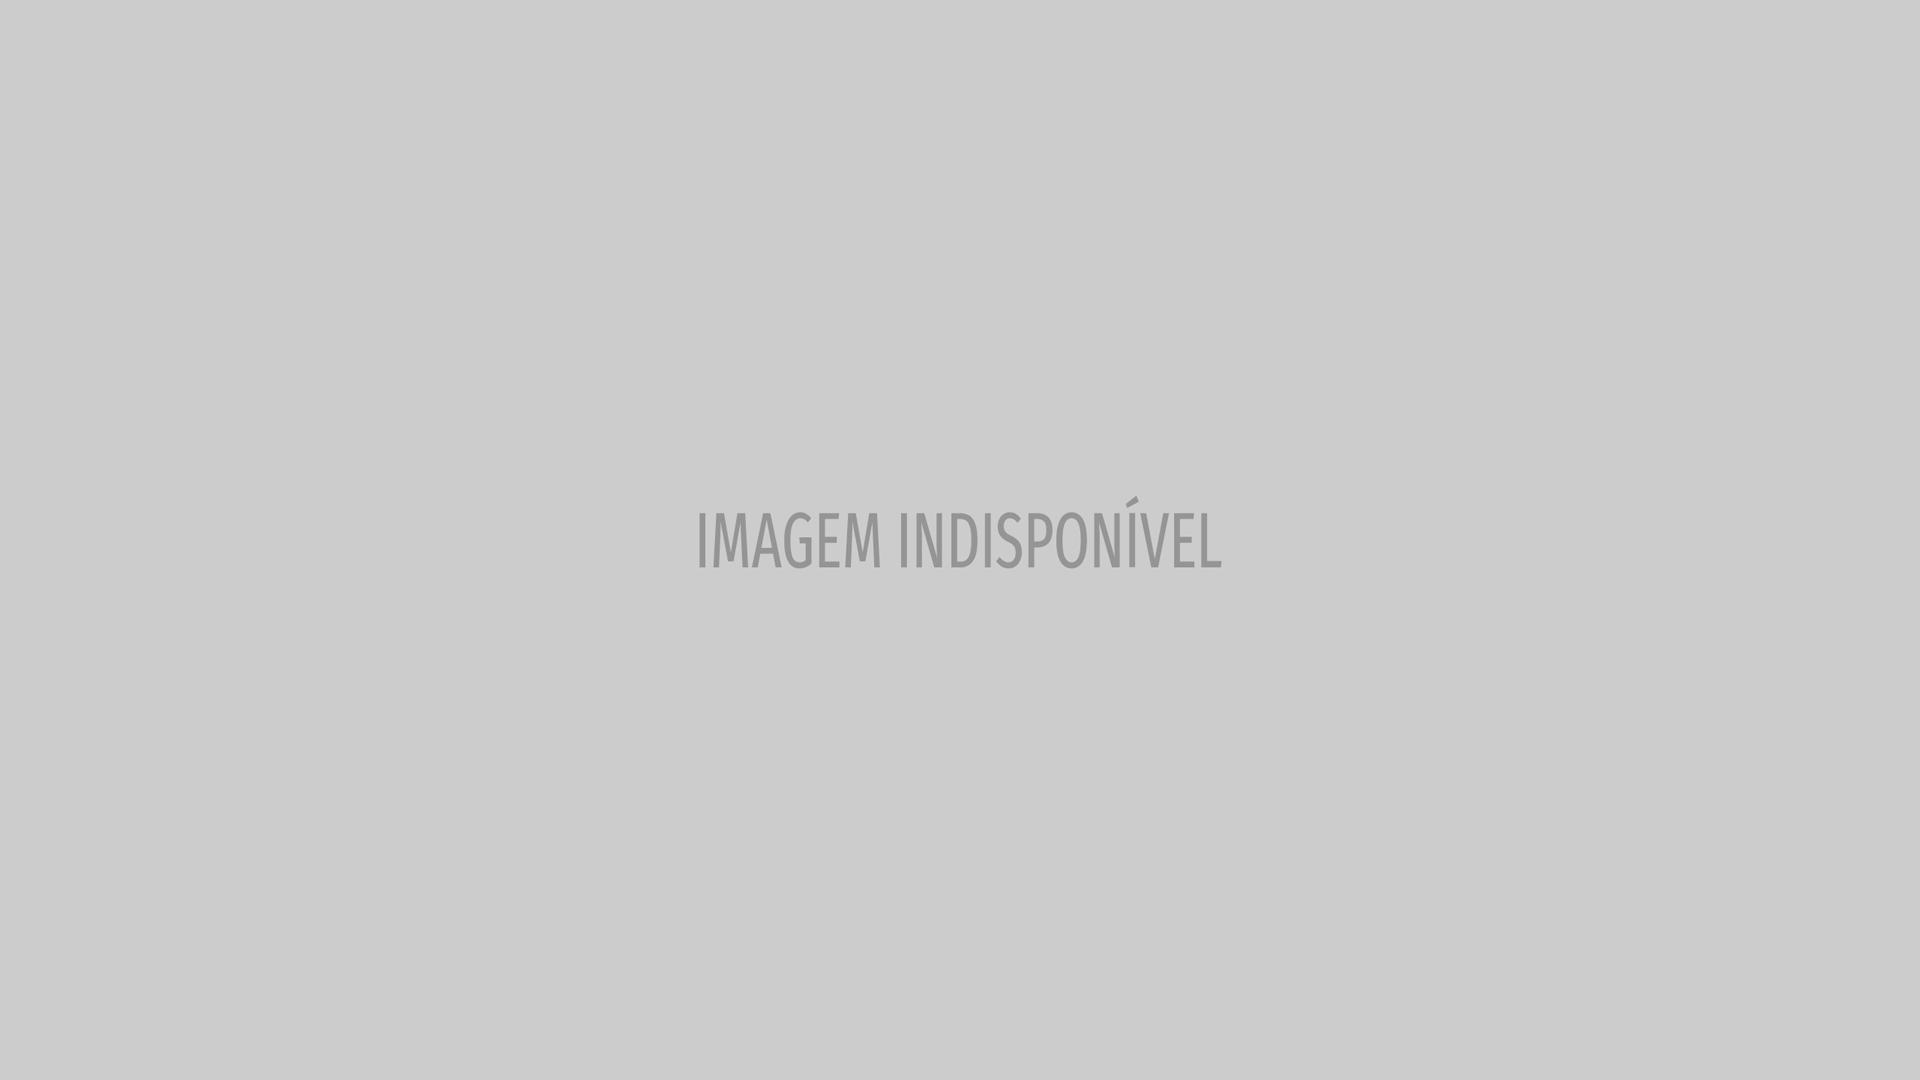 Daniella Cicarelli posta foto rara da filha em celebração: '5 anos'